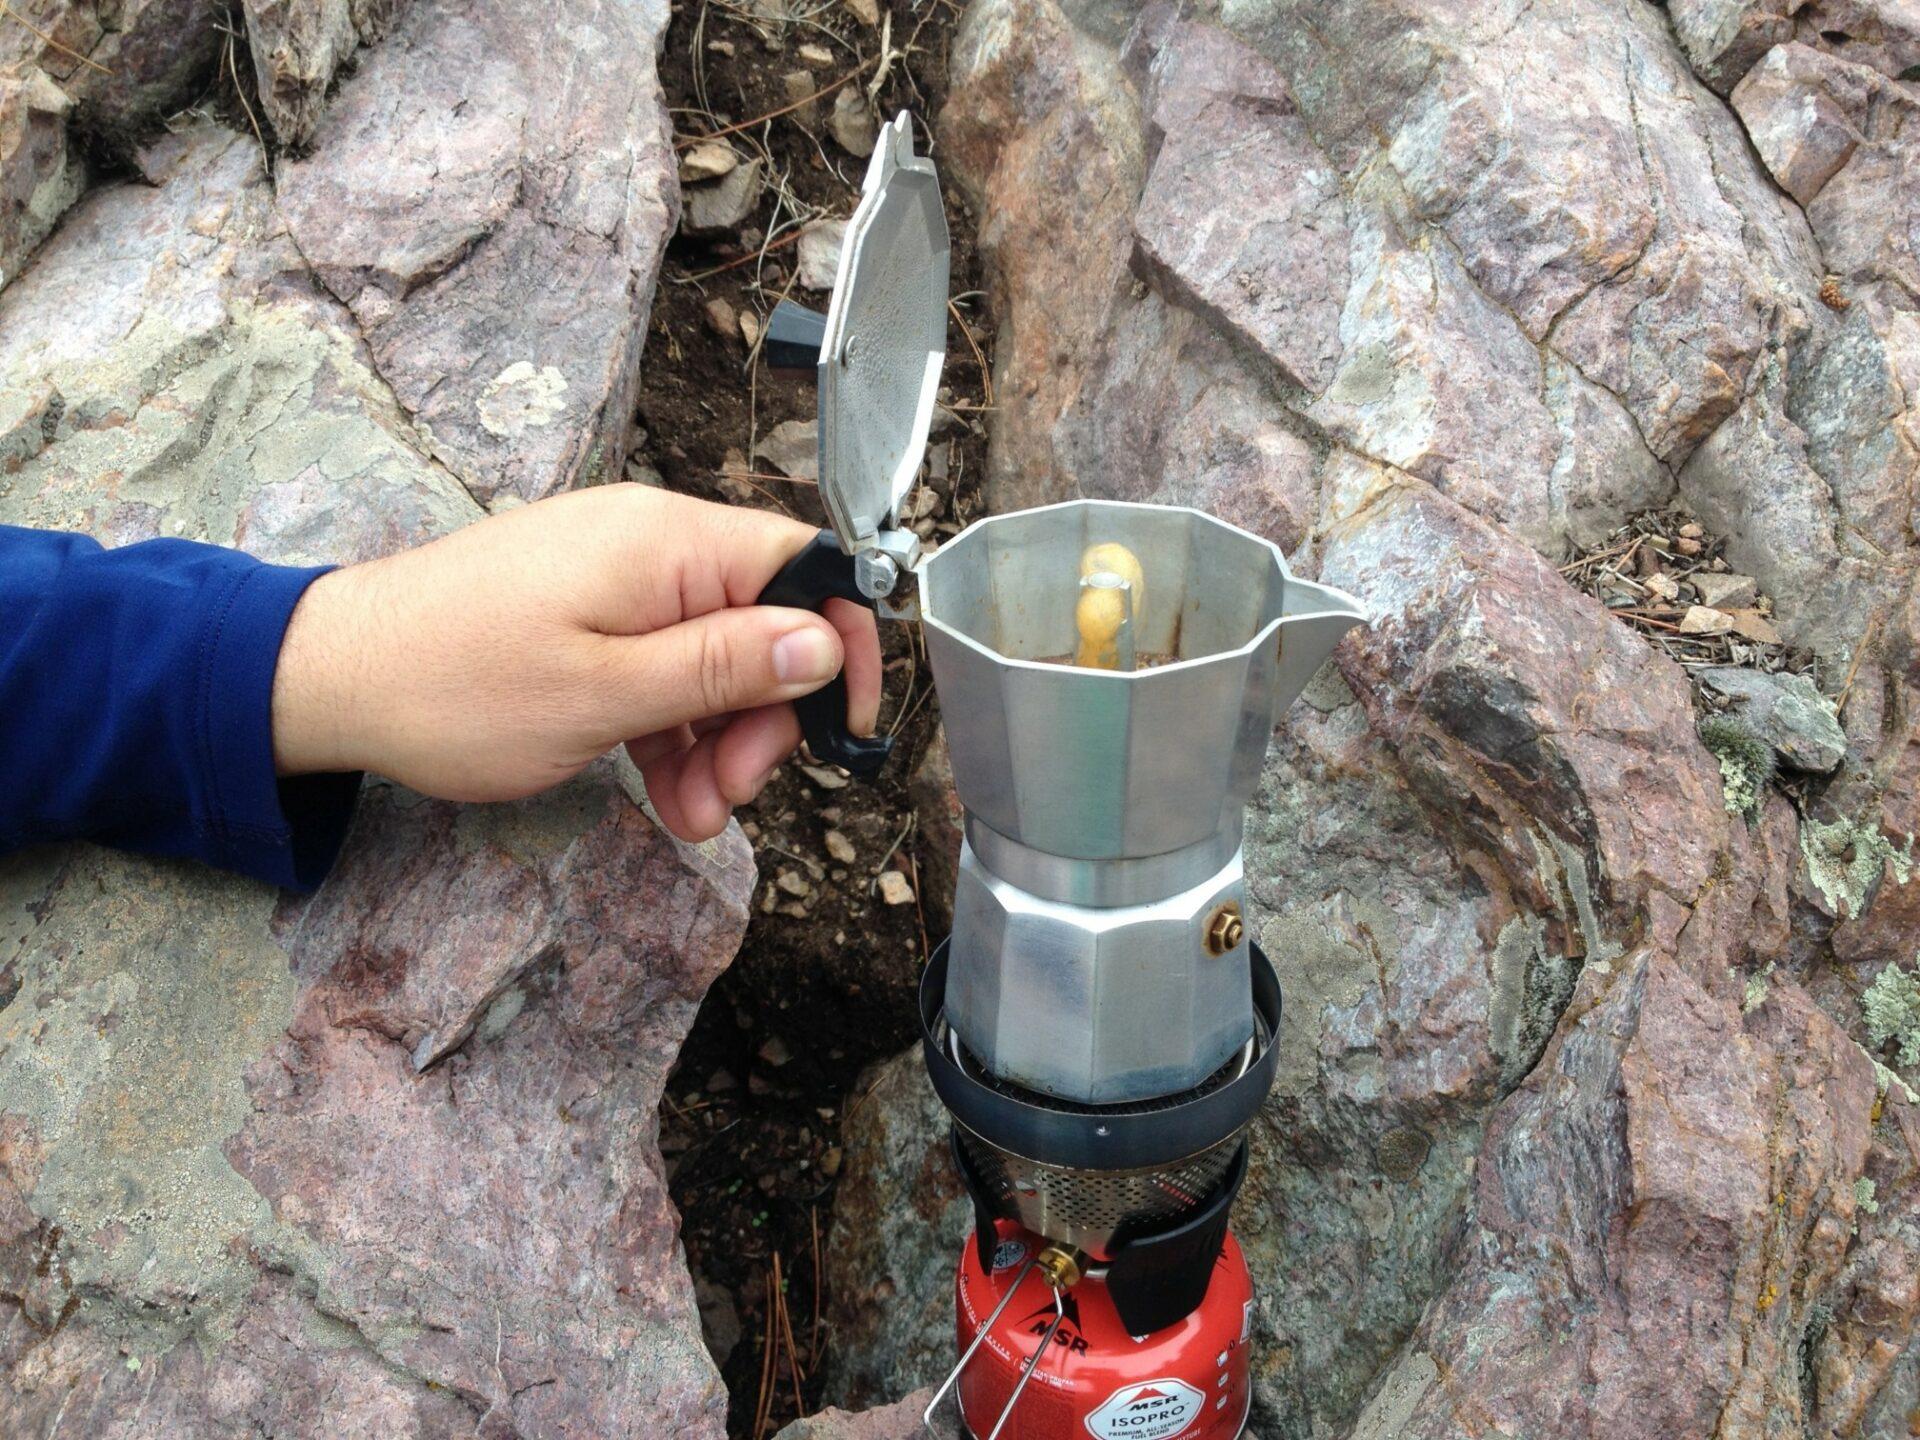 Sprudelnder Kaffee